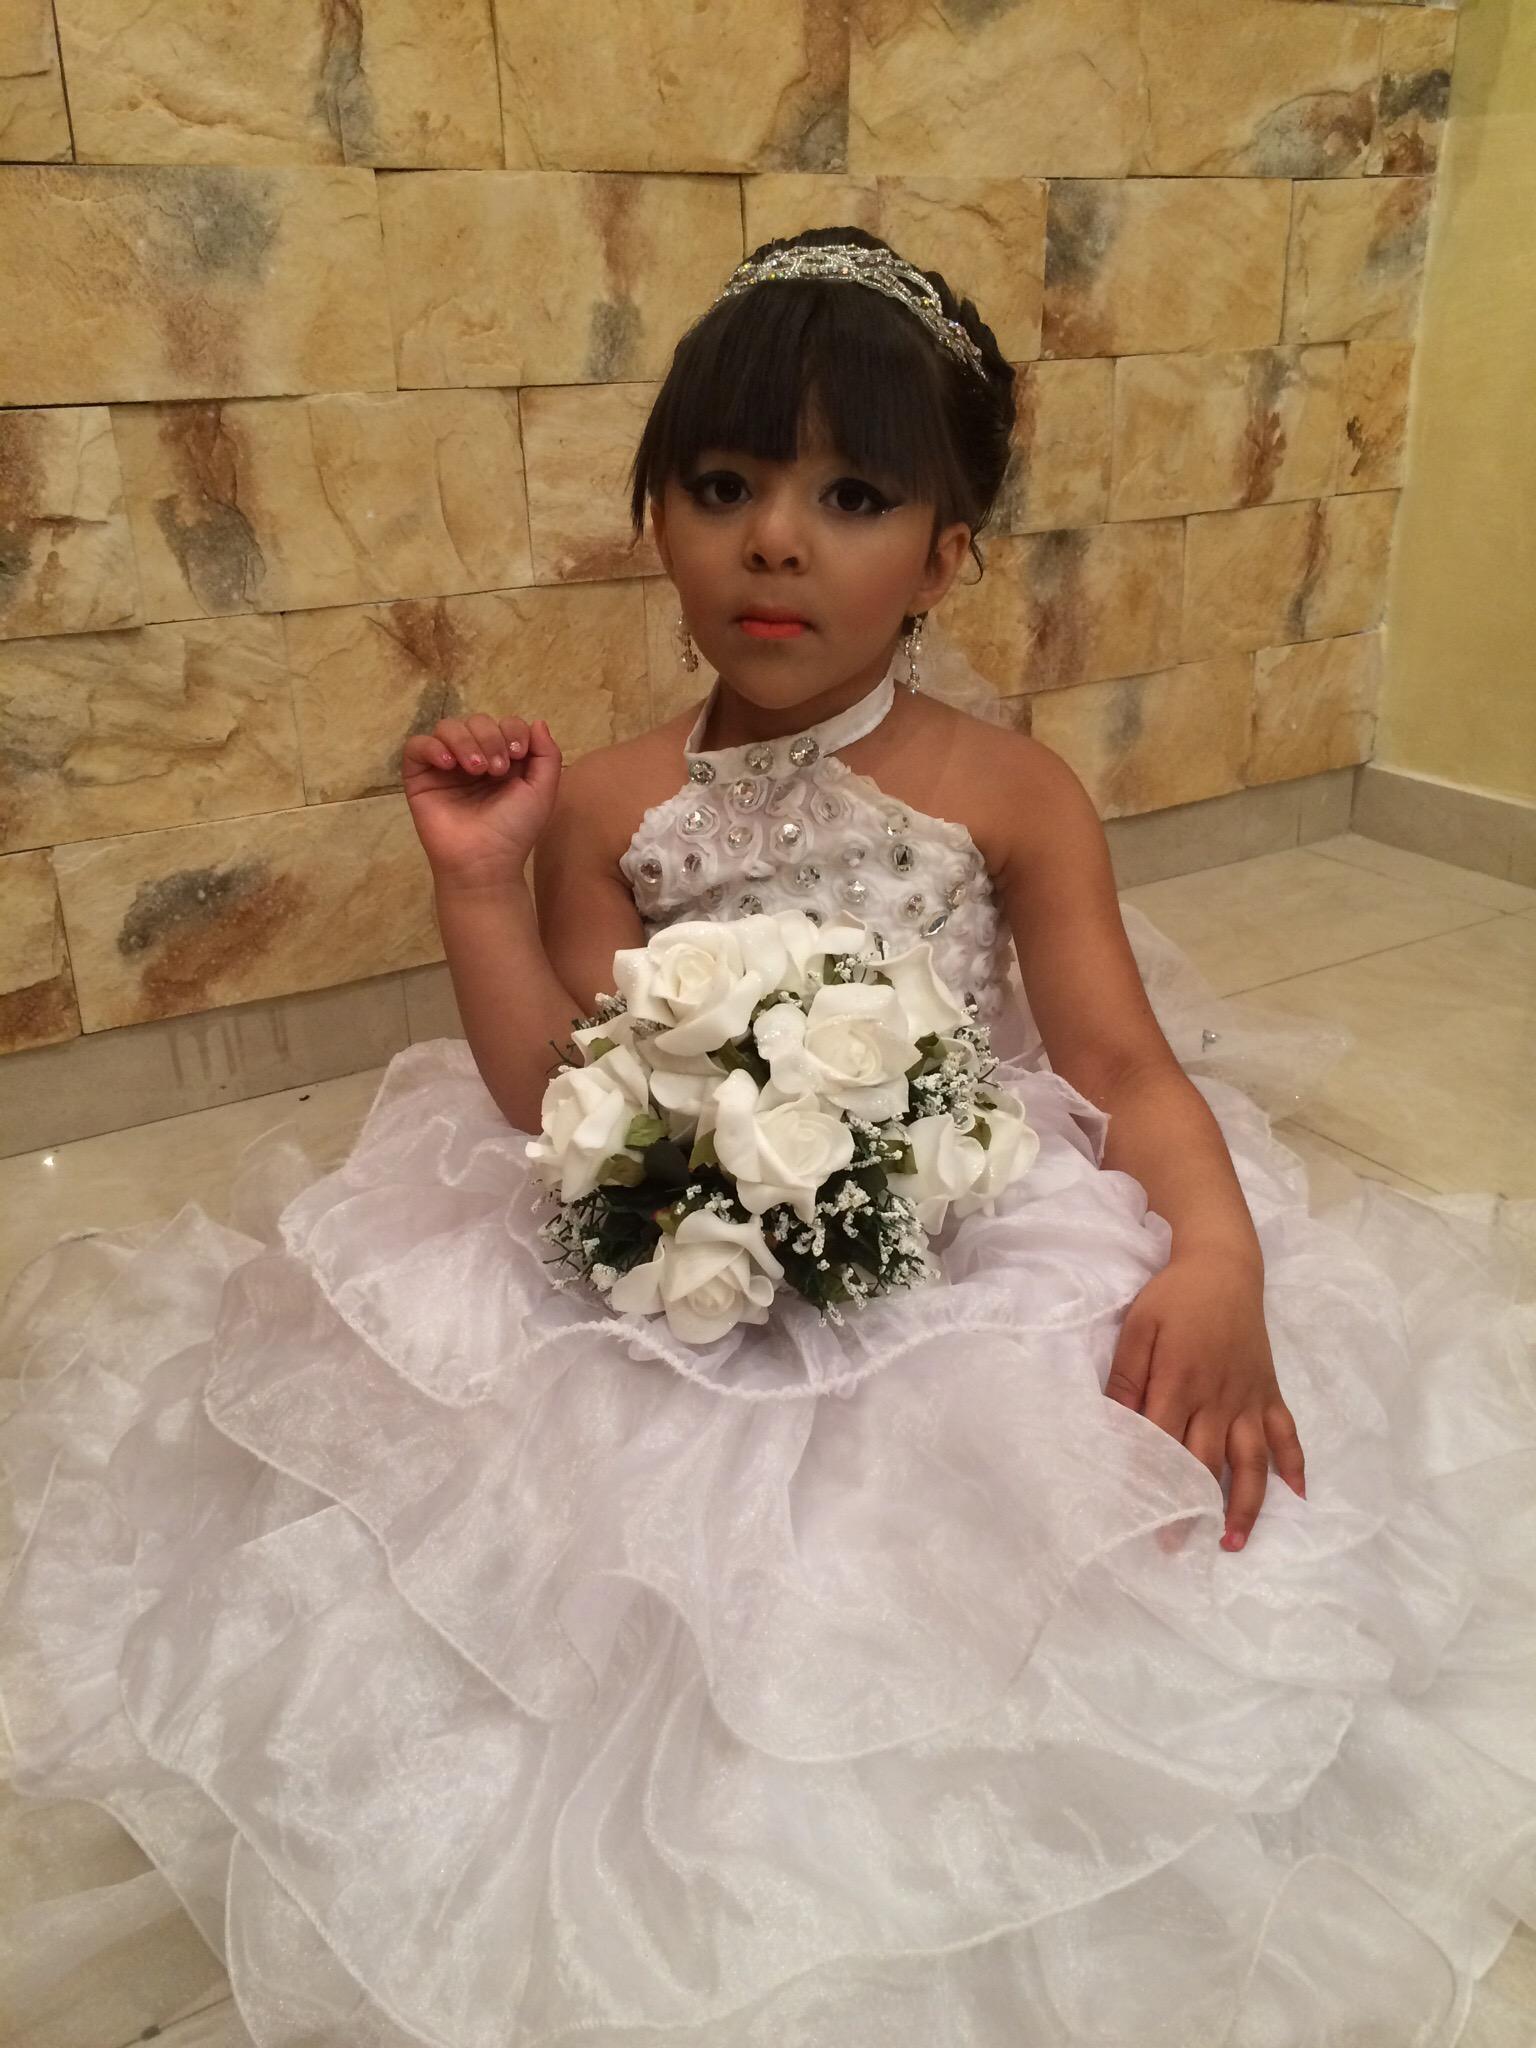 أطفال يافا 48 - ملك محمد ابو رياش الرمله